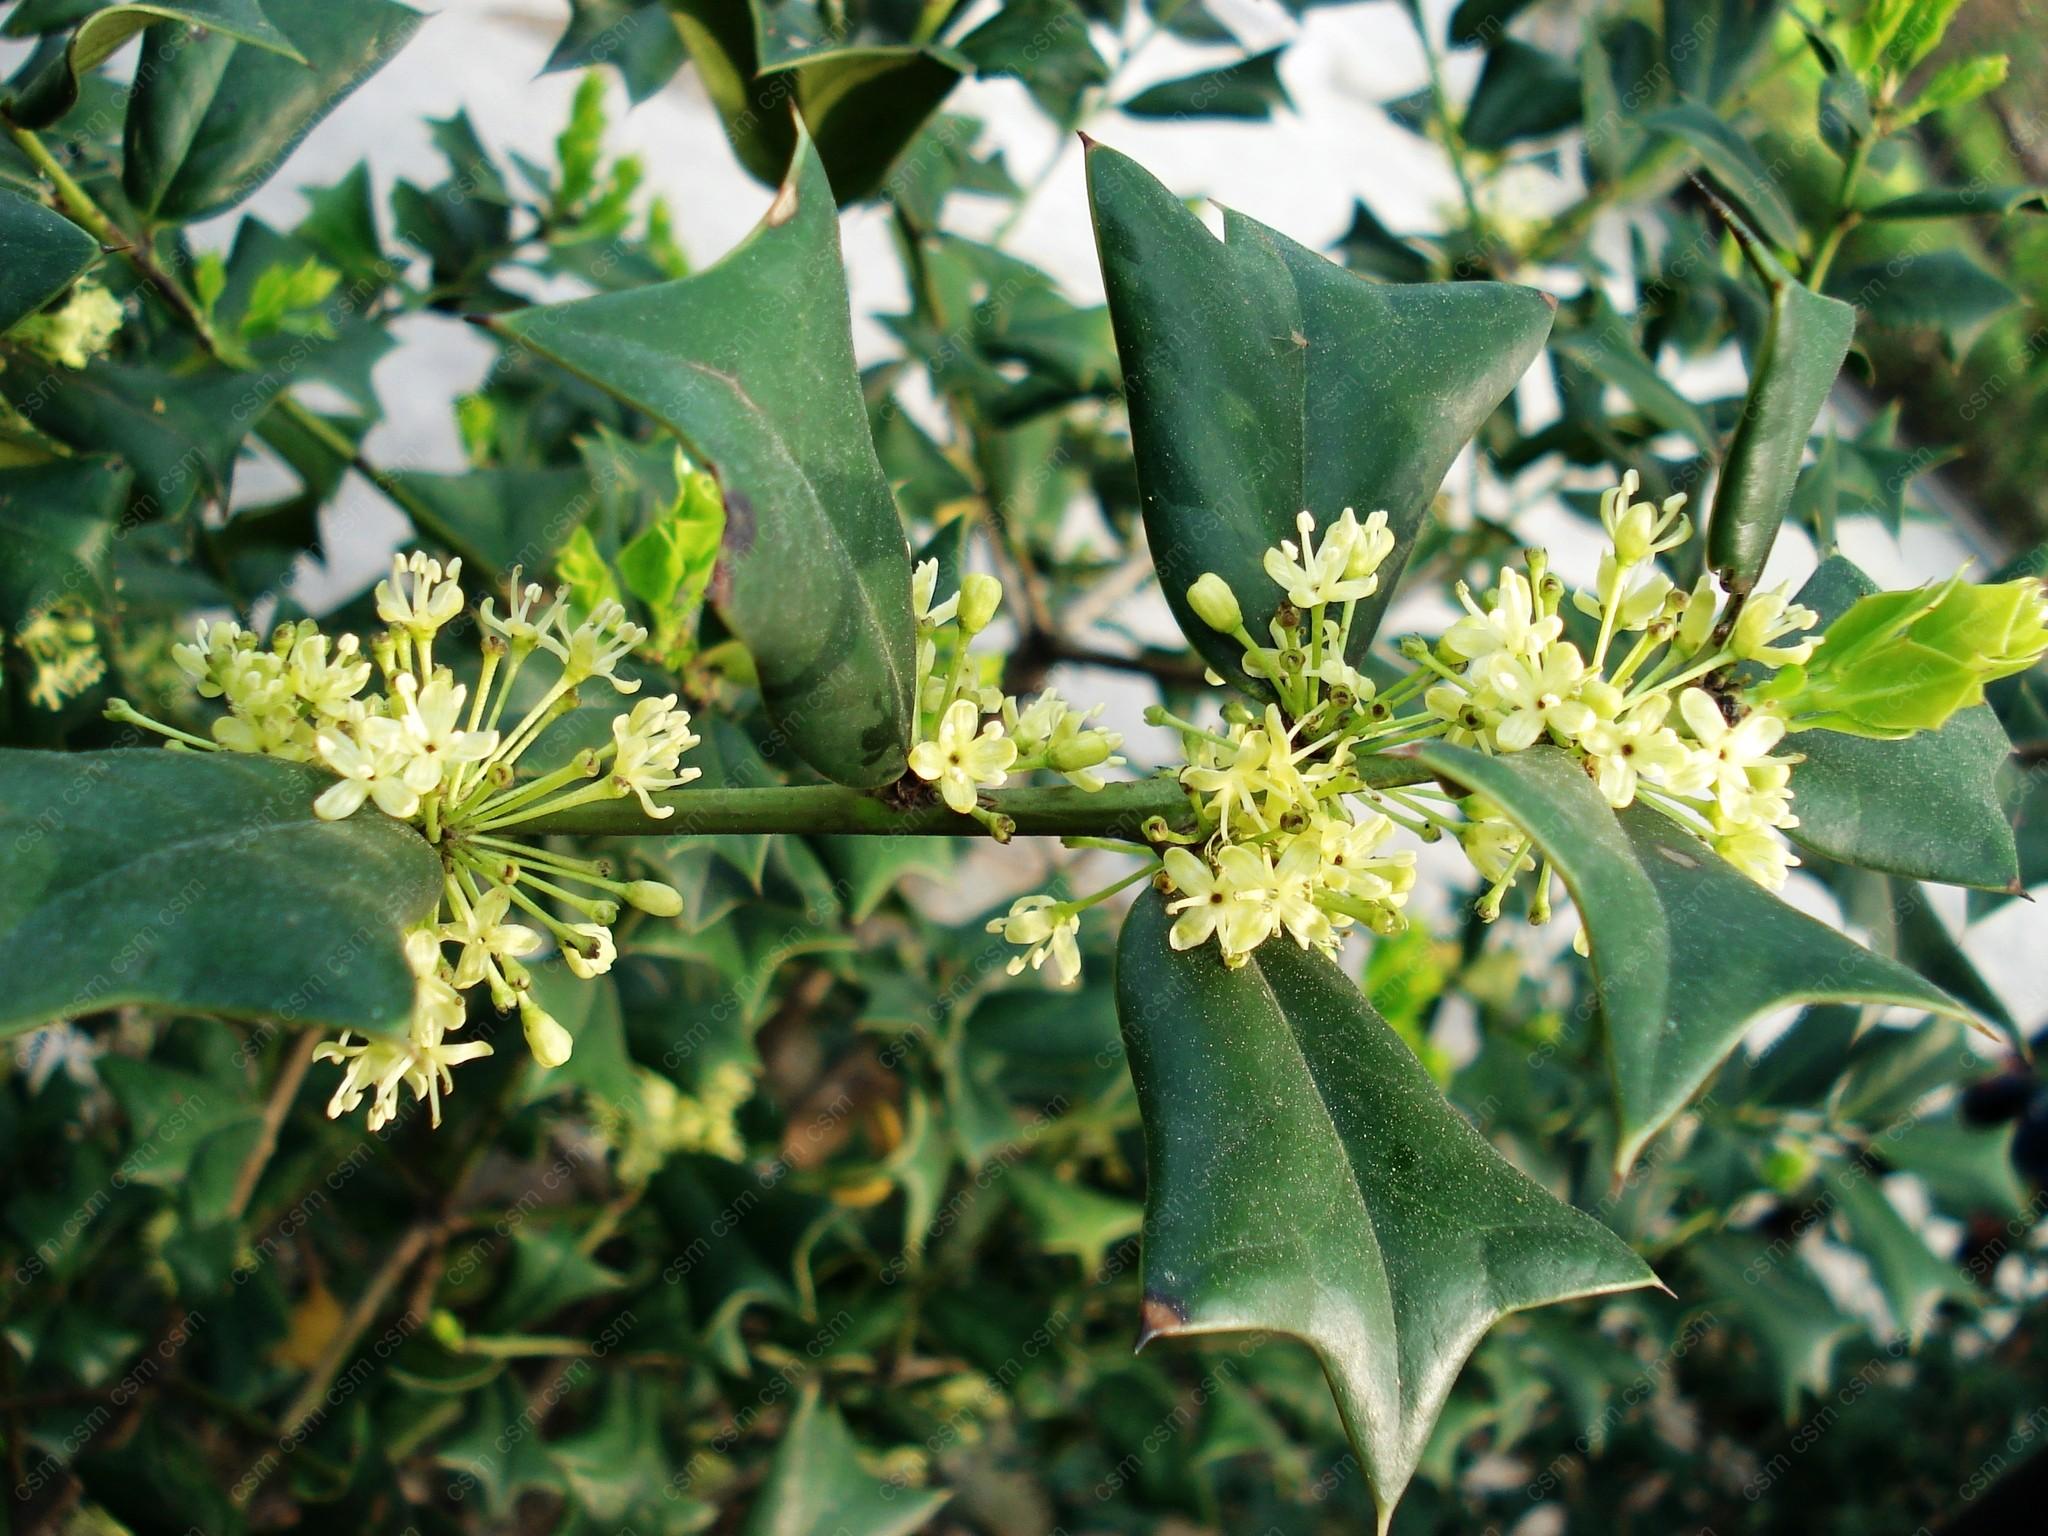 枸骨(Ilex cornuta )又名老虎刺、猫儿刺、鸟不宿。属于冬青科冬青属的常绿小乔木或灌木。其叶形特别,为四方状圆形而宽三角形,先端有硬针刺的齿,每边也具1至5硬针刺。花期4至5月,果期9月。该植物株形紧凑,叶形奇特,碧绿光亮,四季常青,果实成熟后大红色,鲜艳夺目, 经冬不凋,艳丽可爱,在树上可挂半年之久。在圣诞节、元旦、春节期间满树红果,喜庆吉祥。 欧洲人把枸骨当圣诞树。基督教徒在过圣诞节时,常在枸骨树上缀满礼品、彩带、风铃,有的还用枸骨枝叶扎成彩门,红果绿叶,金铃少许,极富节日气氛。是优良的观叶